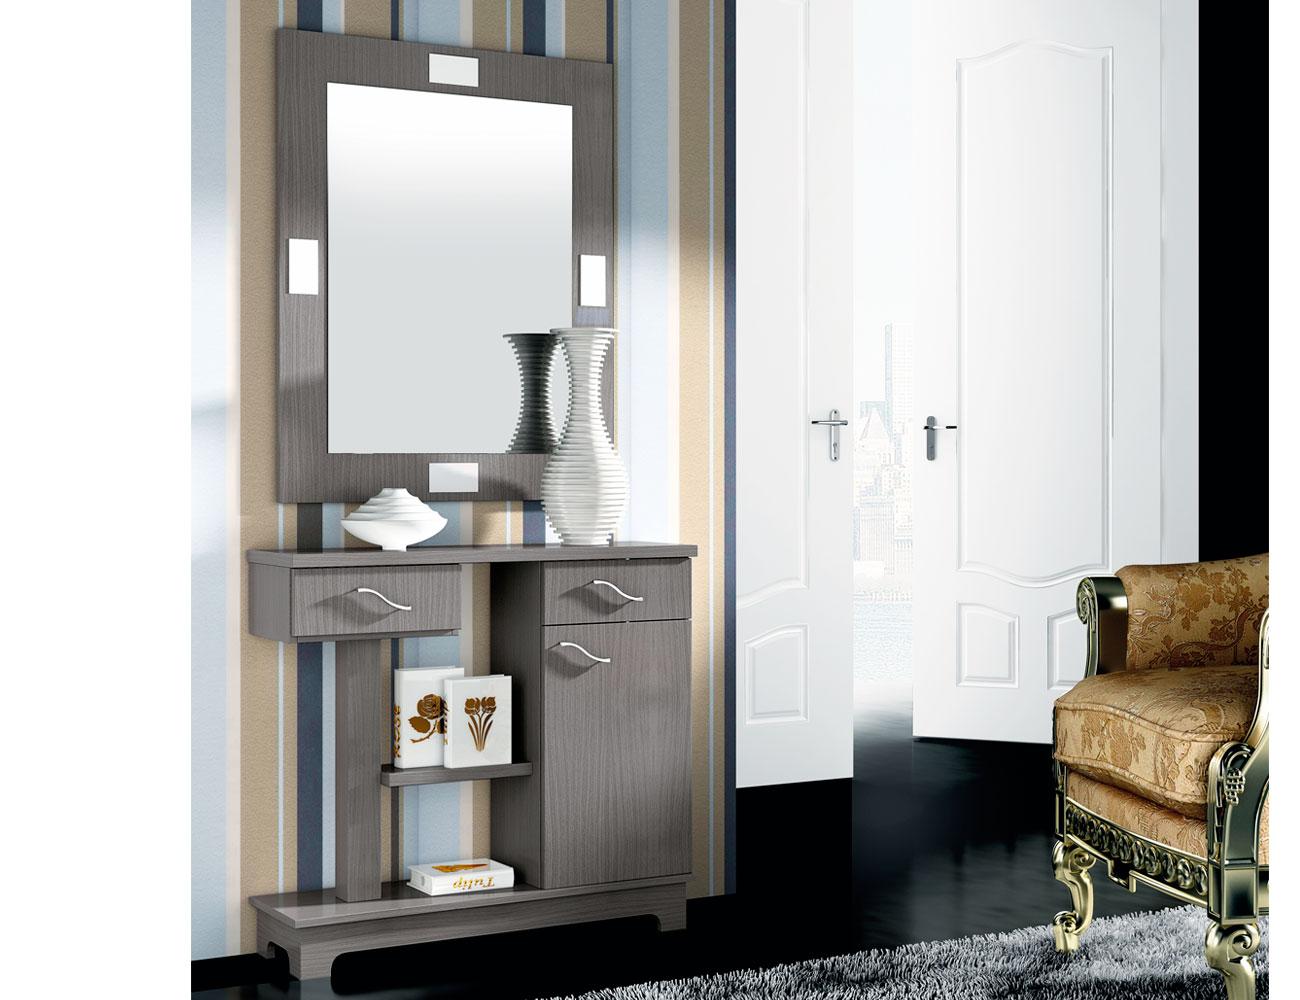 Mueble recibidor moderno ideas de disenos - Mueble recibidor moderno ...